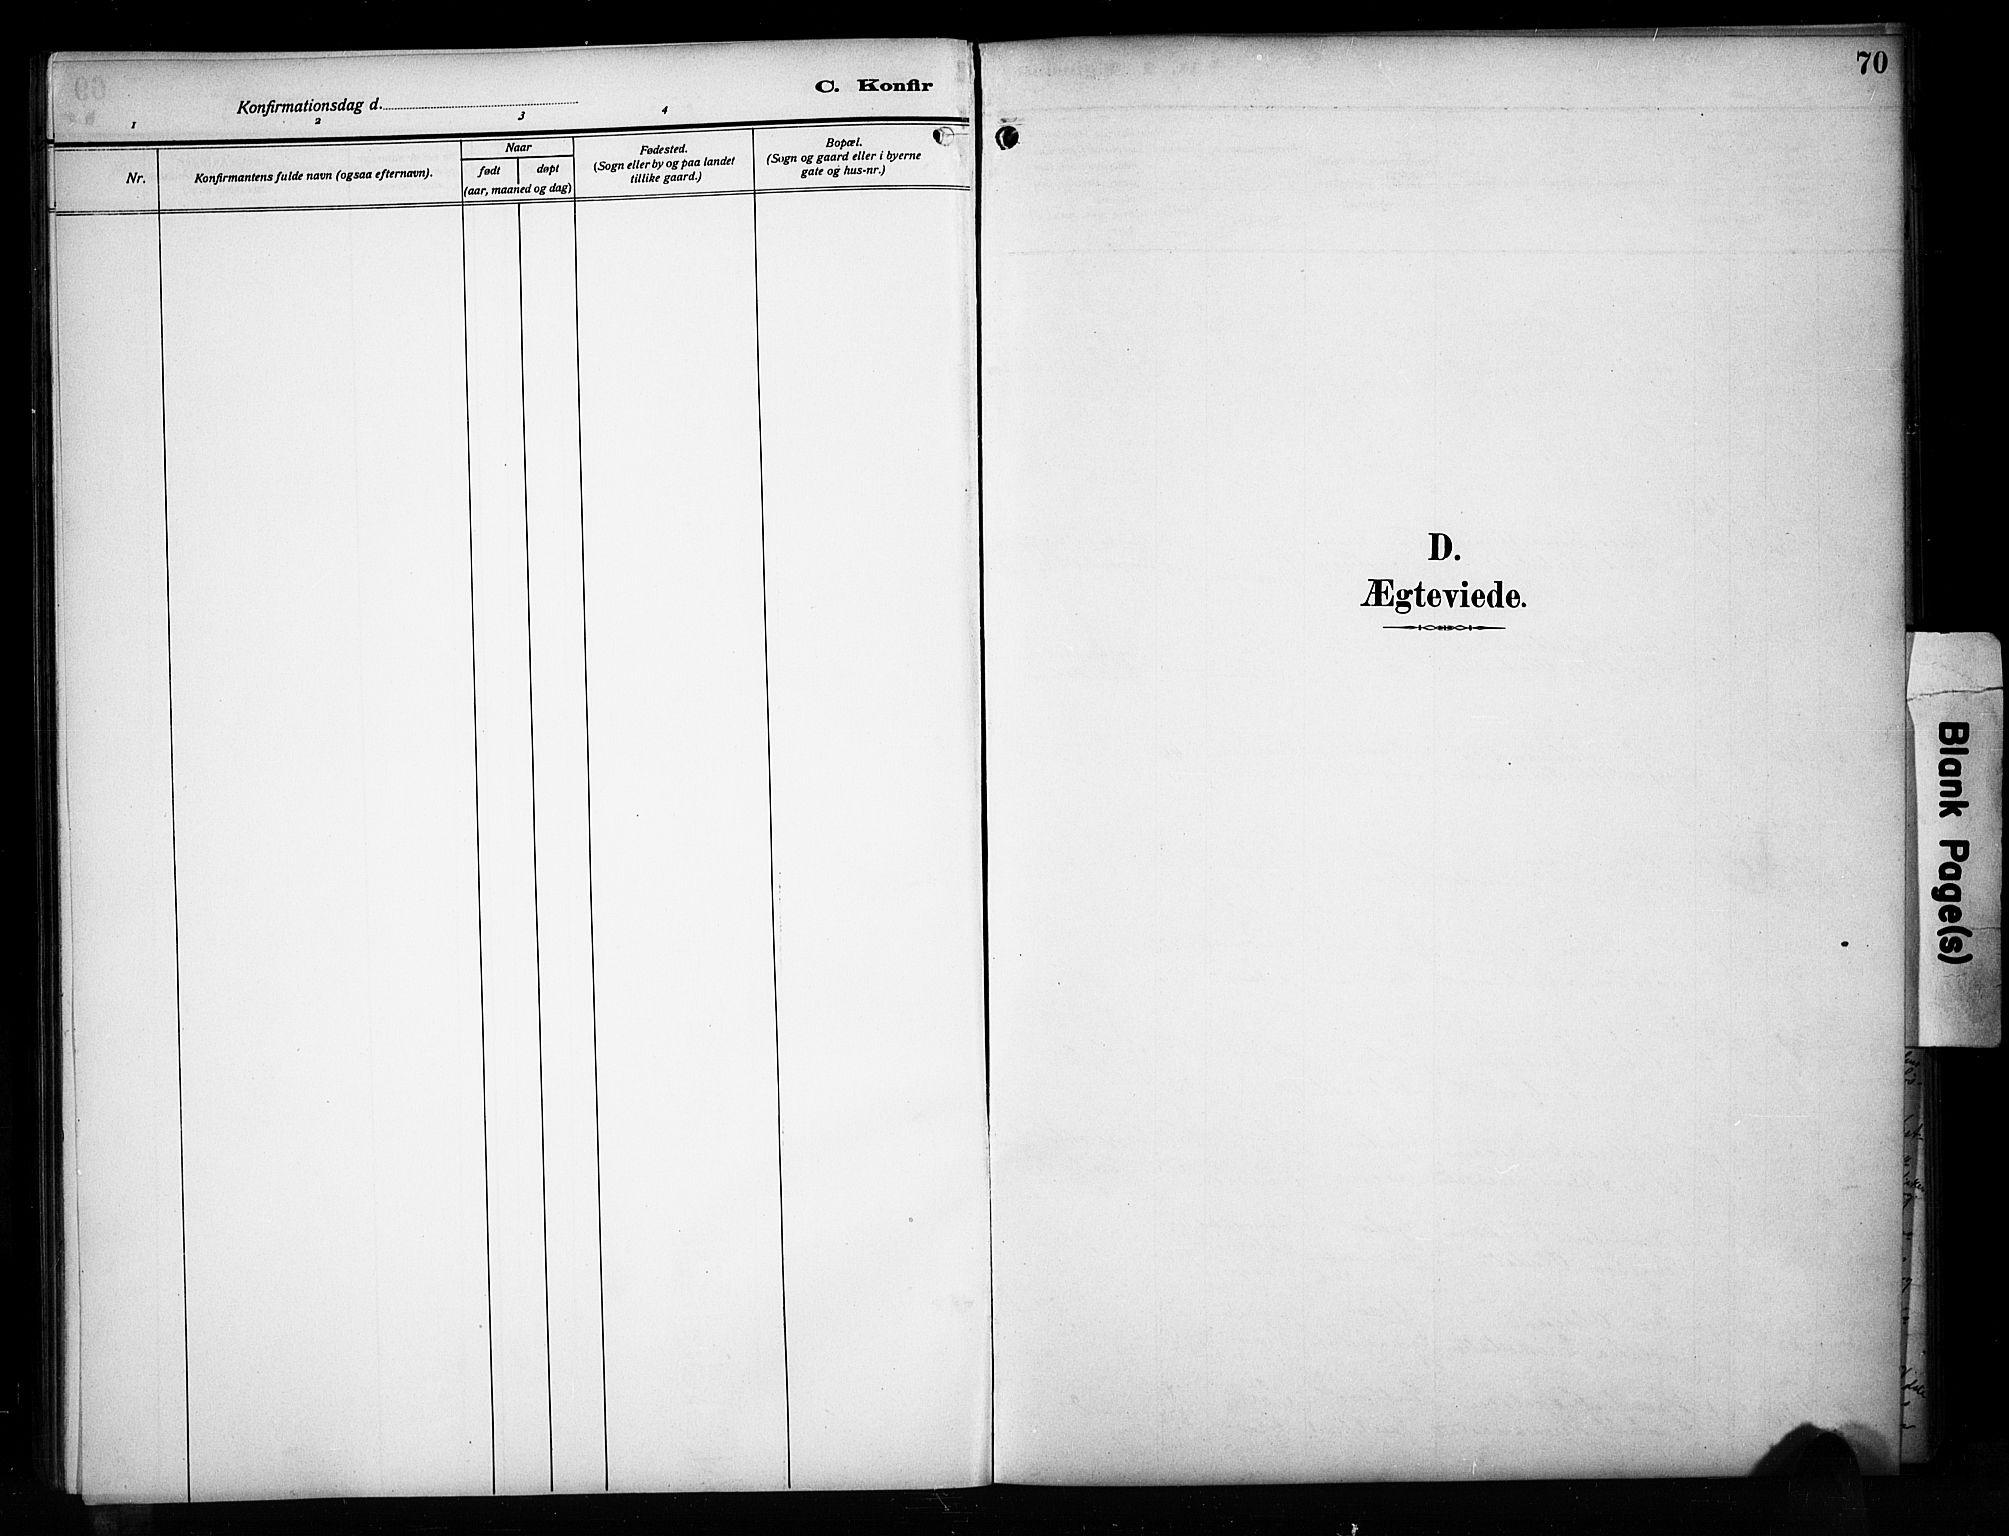 SAH, Sør-Aurdal prestekontor, Klokkerbok nr. 17, 1894-1923, s. 70